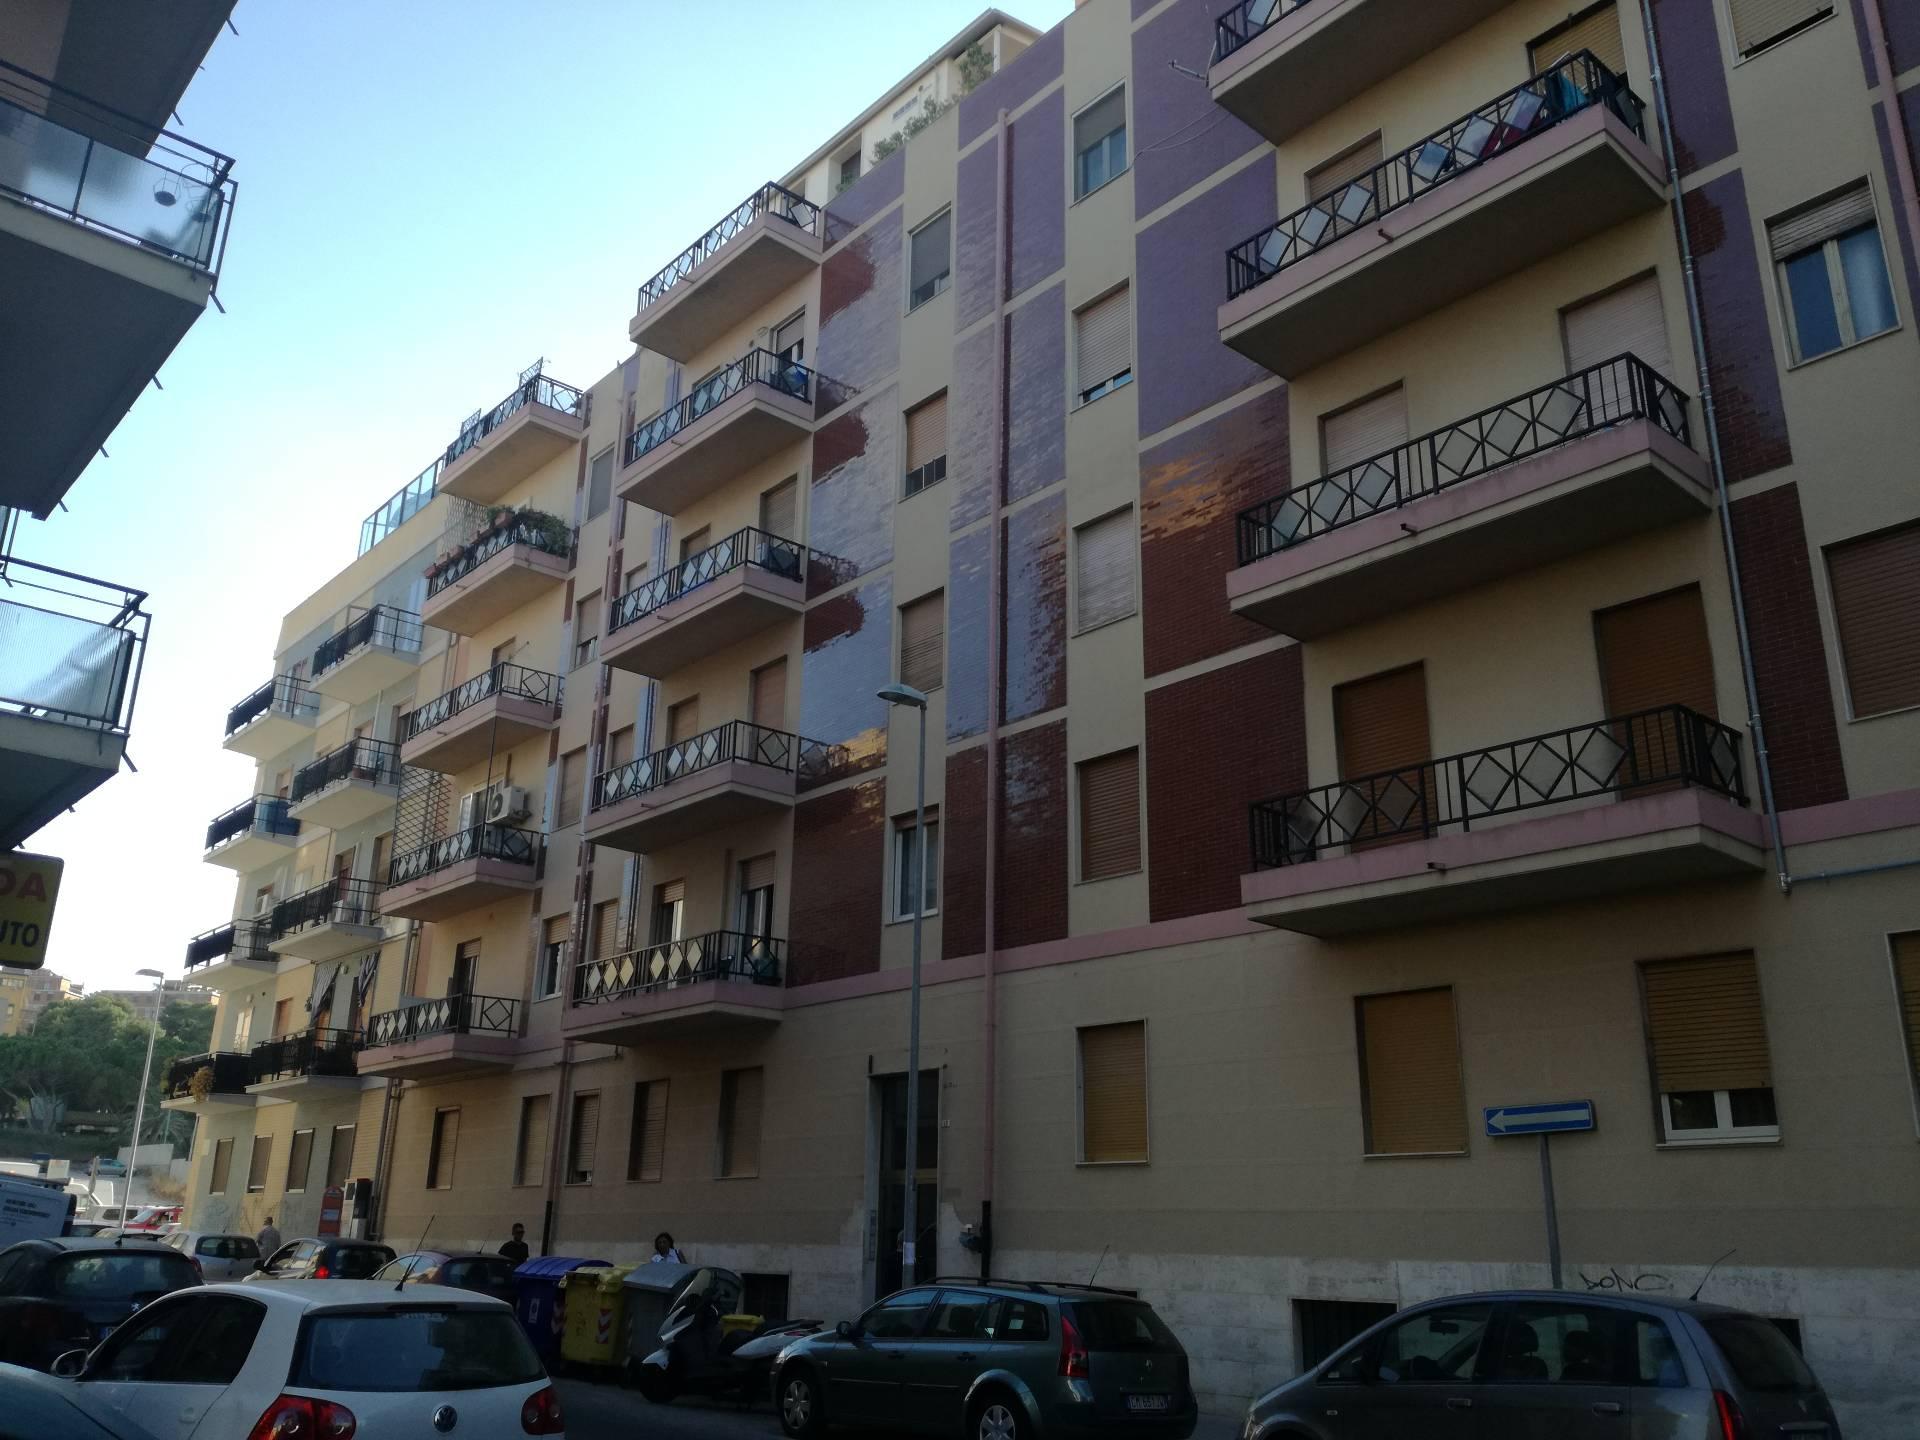 Appartamento in affitto a Cagliari, 7 locali, zona Zona: Villanova, prezzo € 1.300 | CambioCasa.it